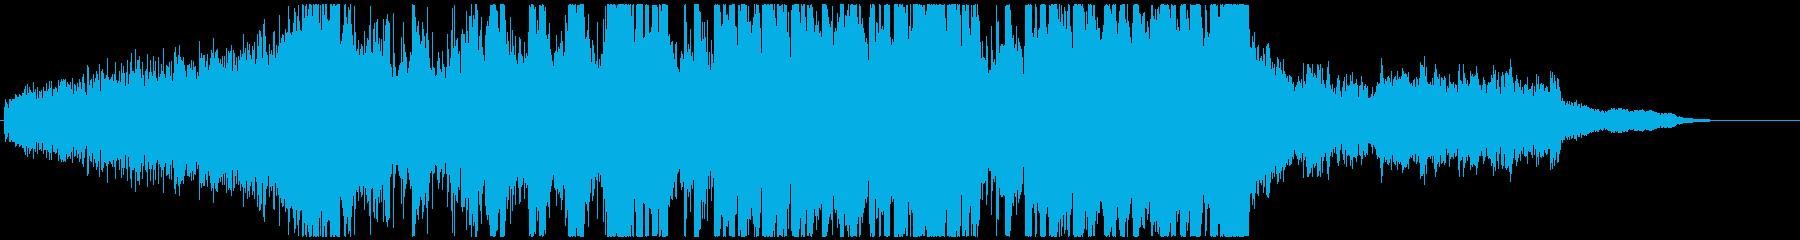 未知に挑む、ハリウッドロックオーケストラの再生済みの波形